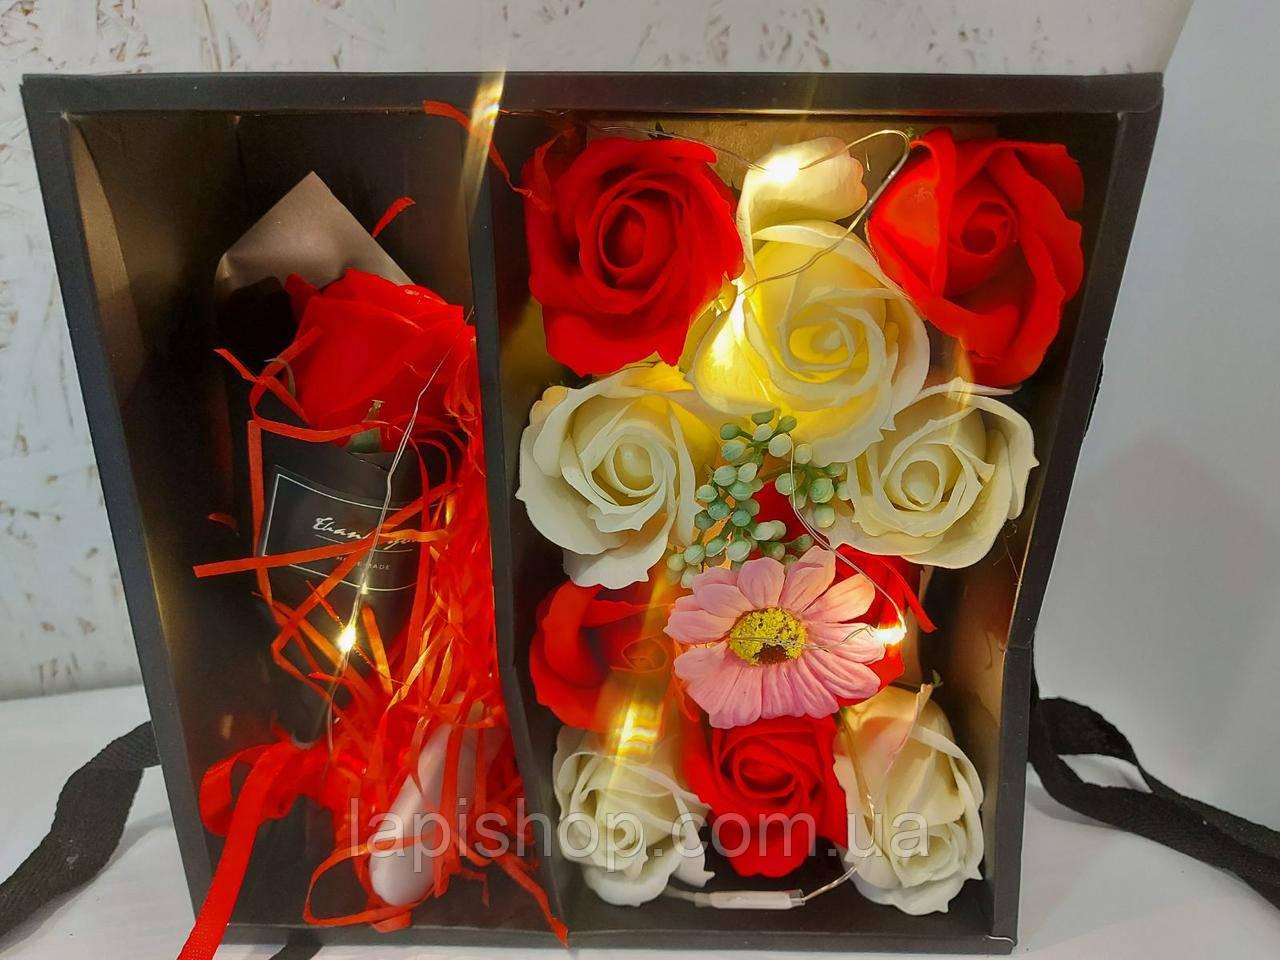 Подарочный набор мыла в виде роз XY19-80 c Розой